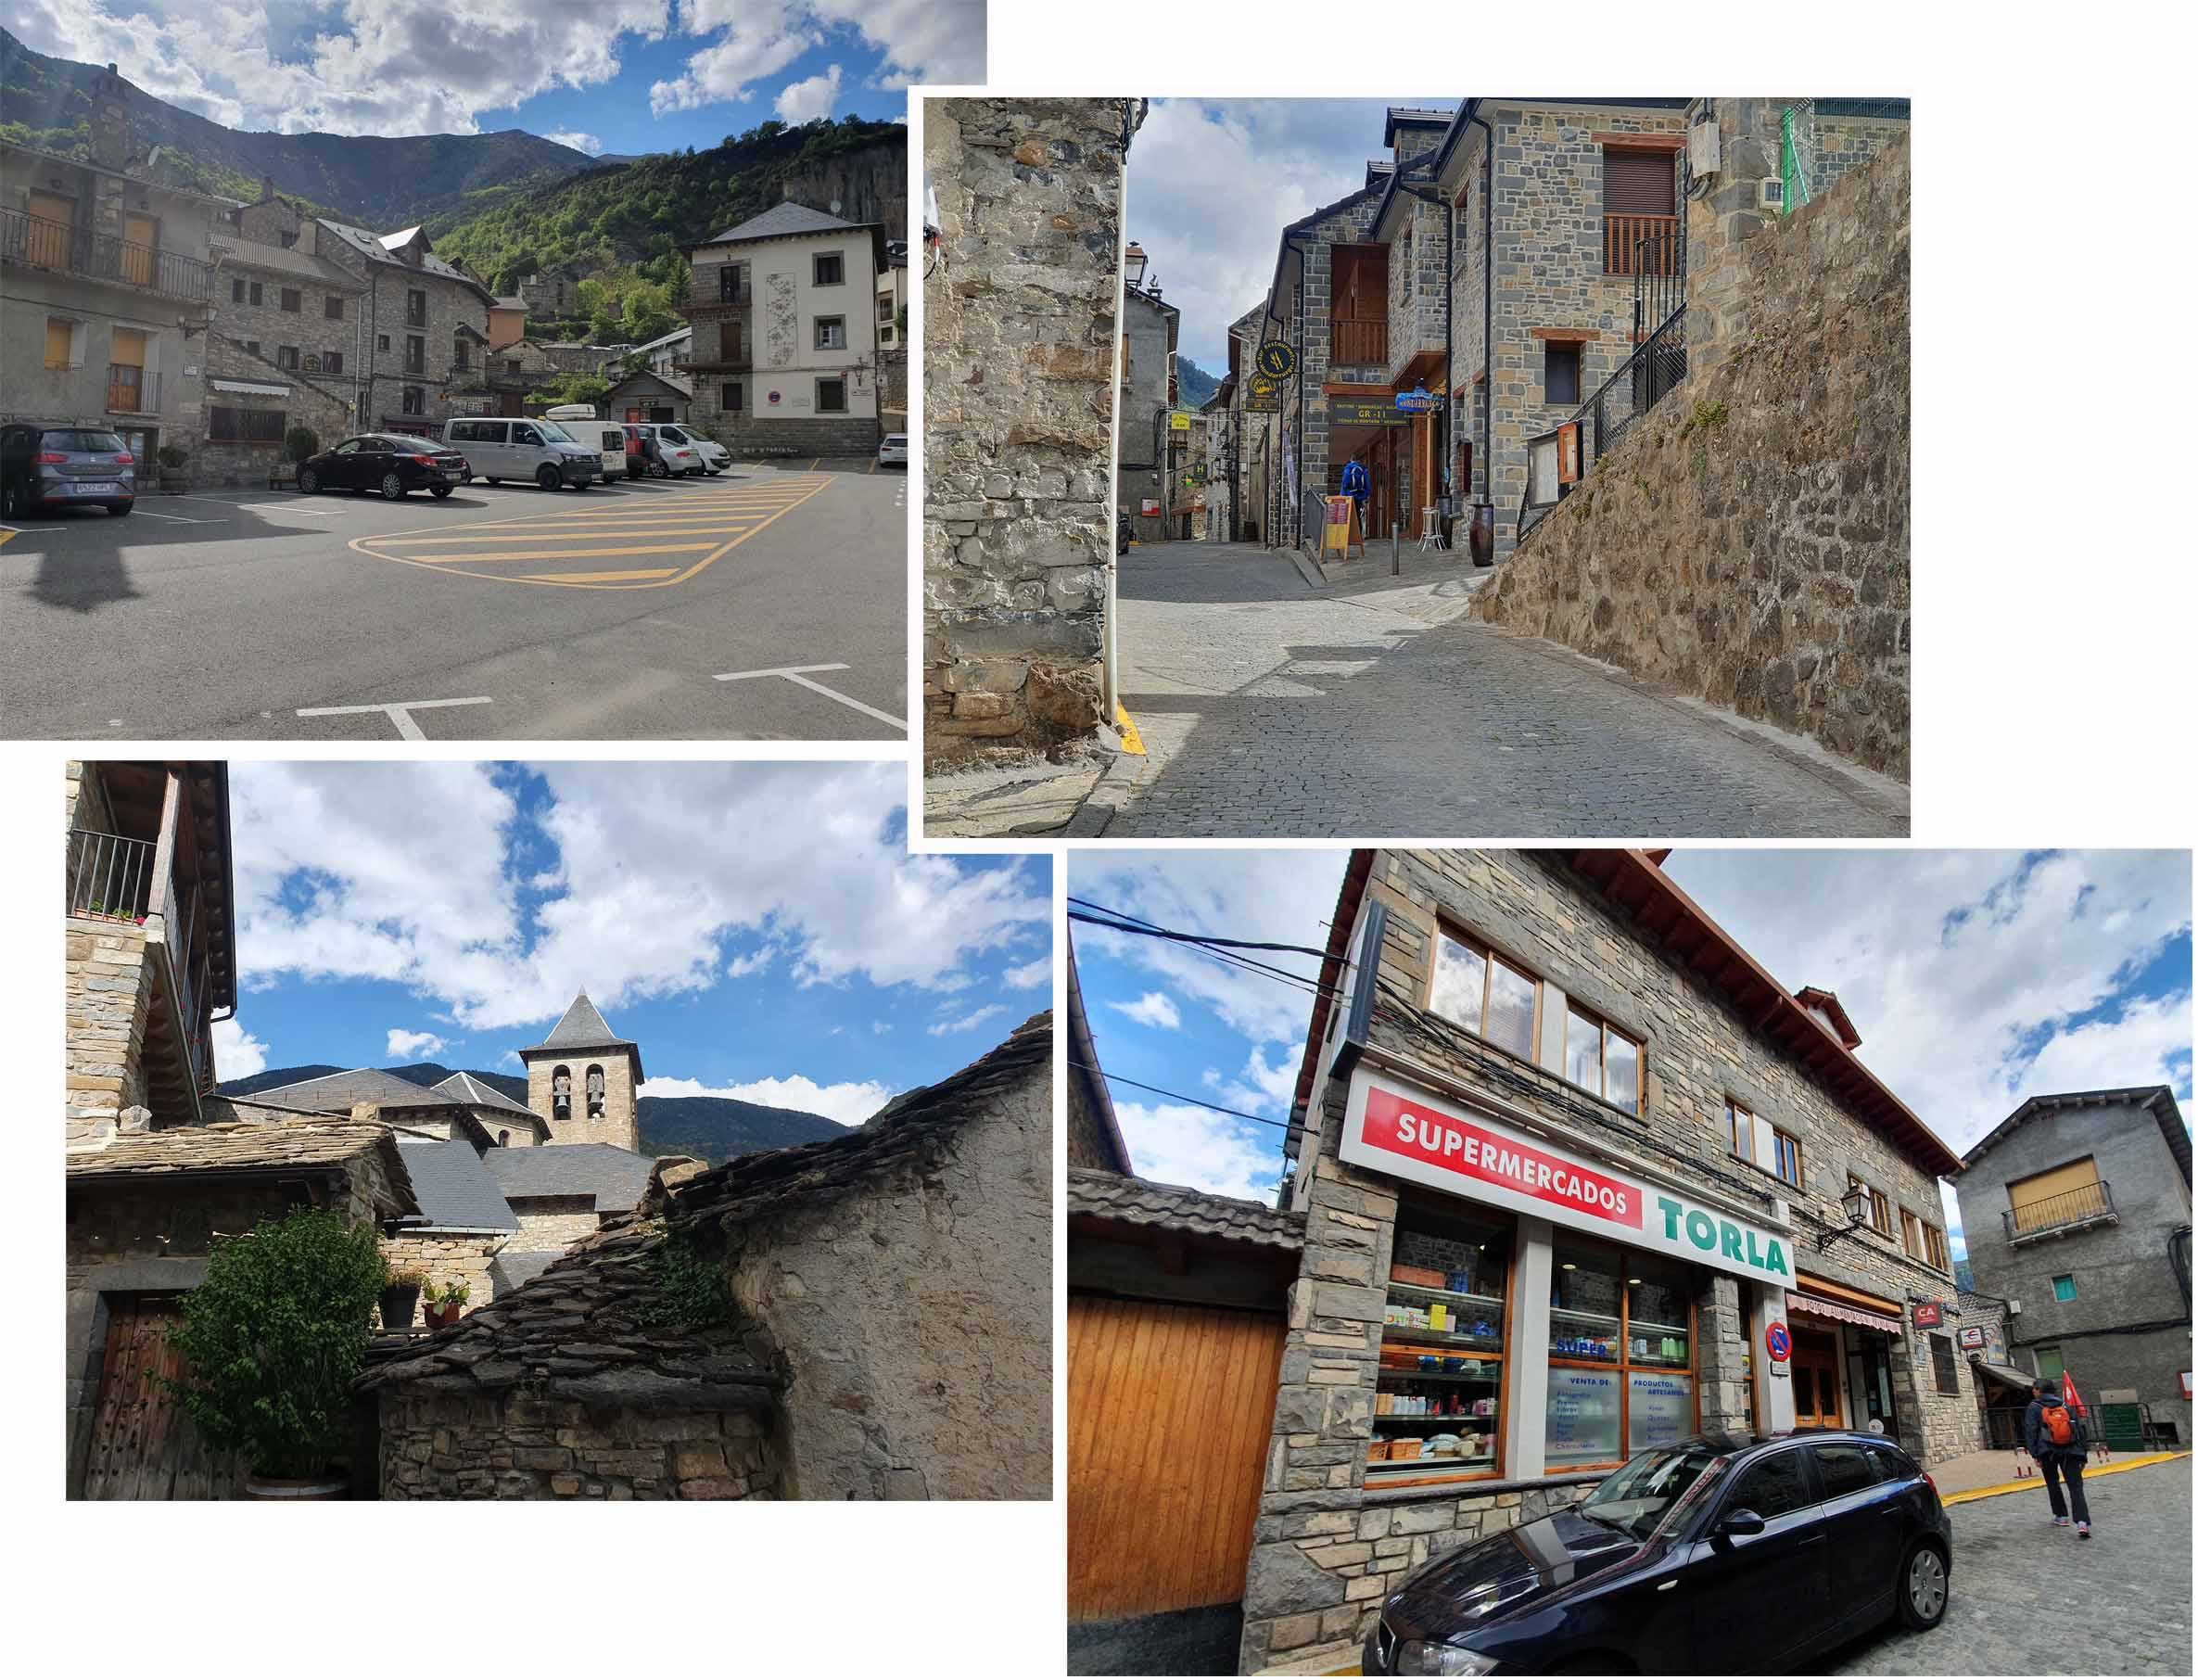 Torla Ordesa town